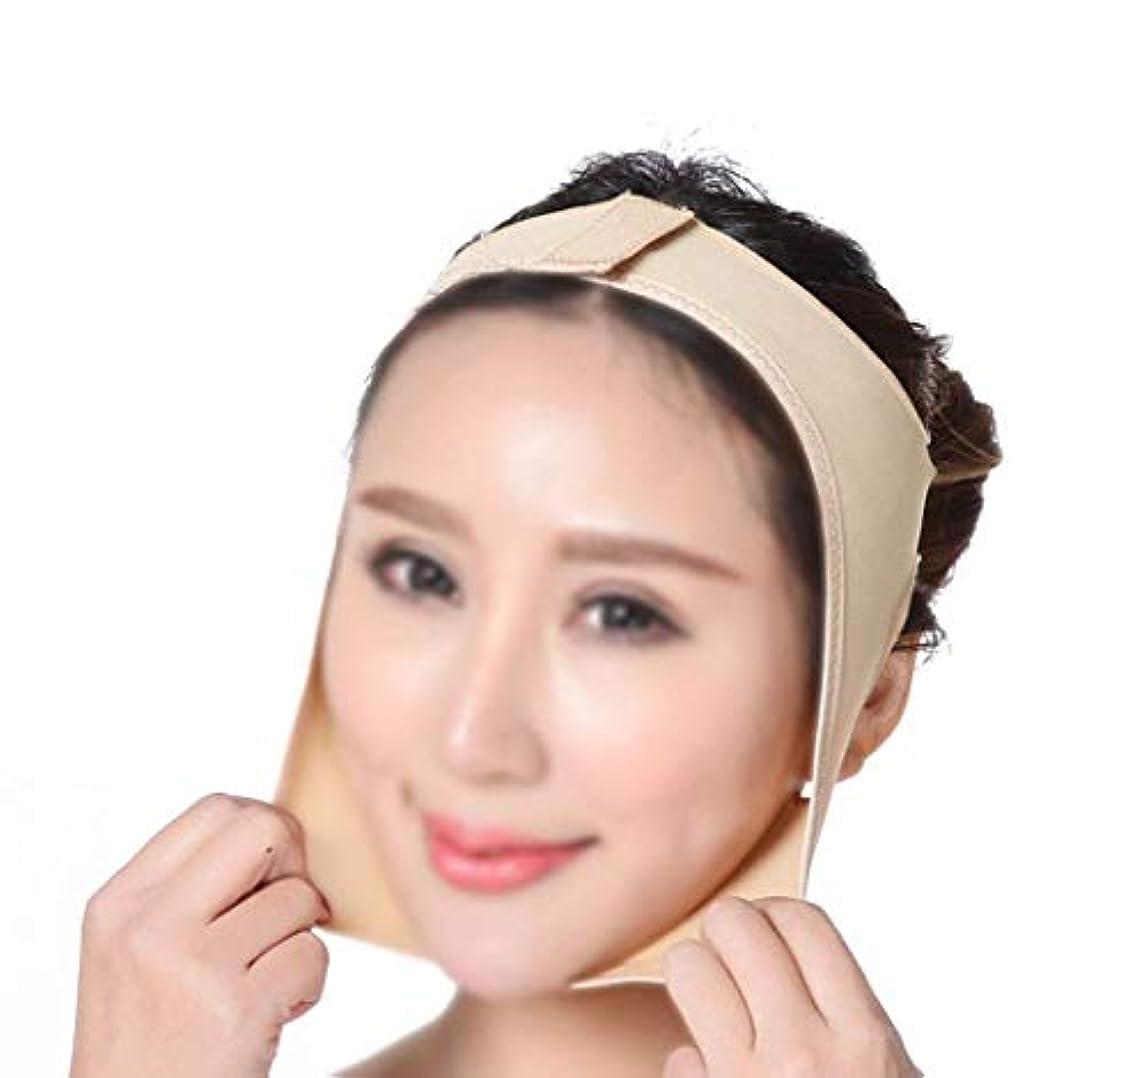 引き締めフェイスマスク、通気性フェイスバンデージVフェイスデバイス睡眠薄型フェイスマスクフェイスマッサージ器具フェイスリフティングフェイスリフティングツール(サイズ:XXL)